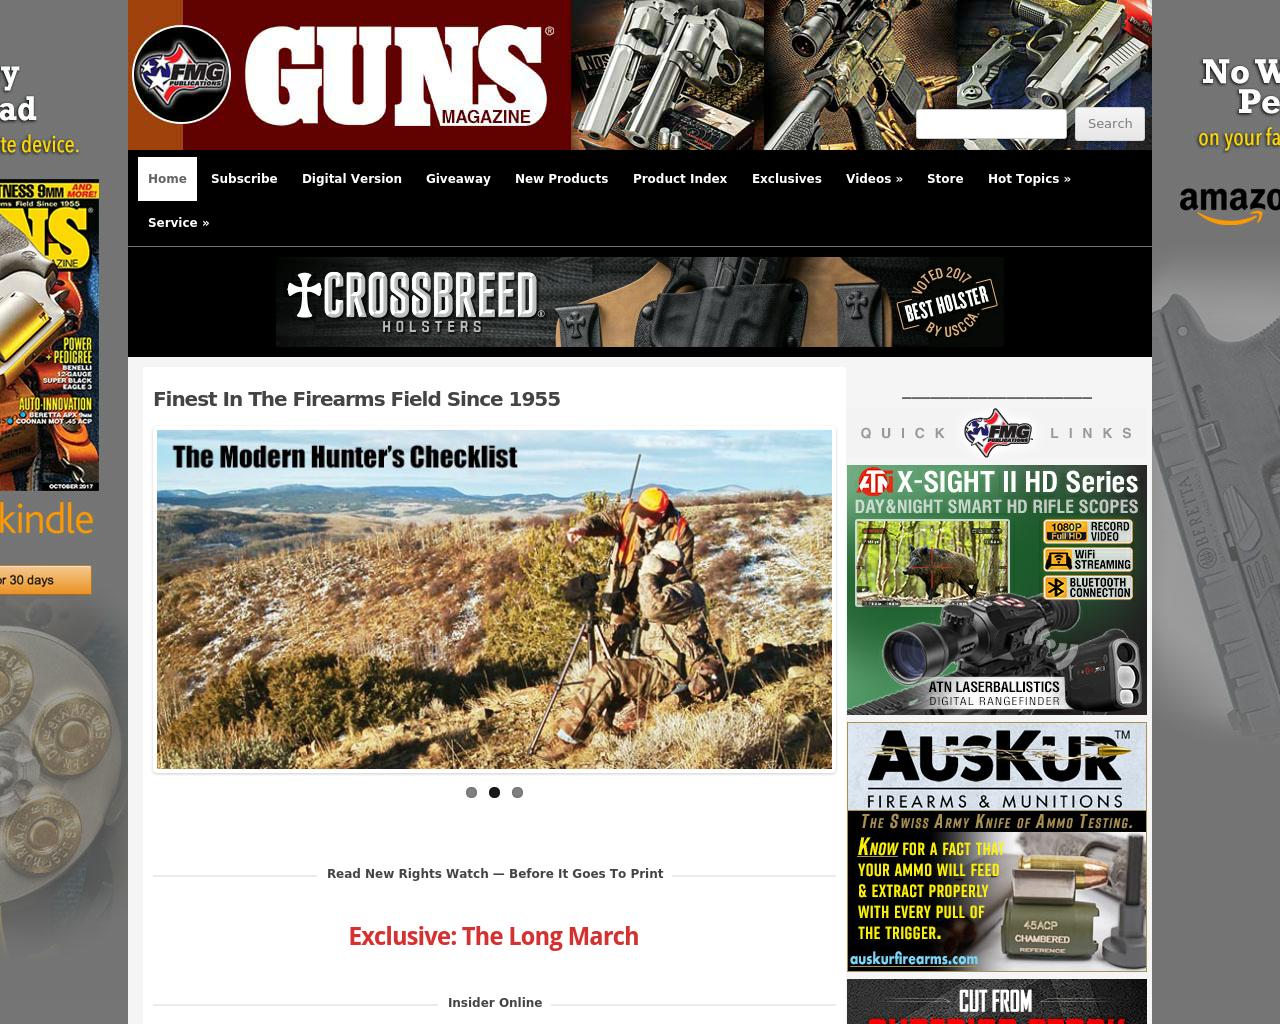 Guns-Magazine-Advertising-Reviews-Pricing